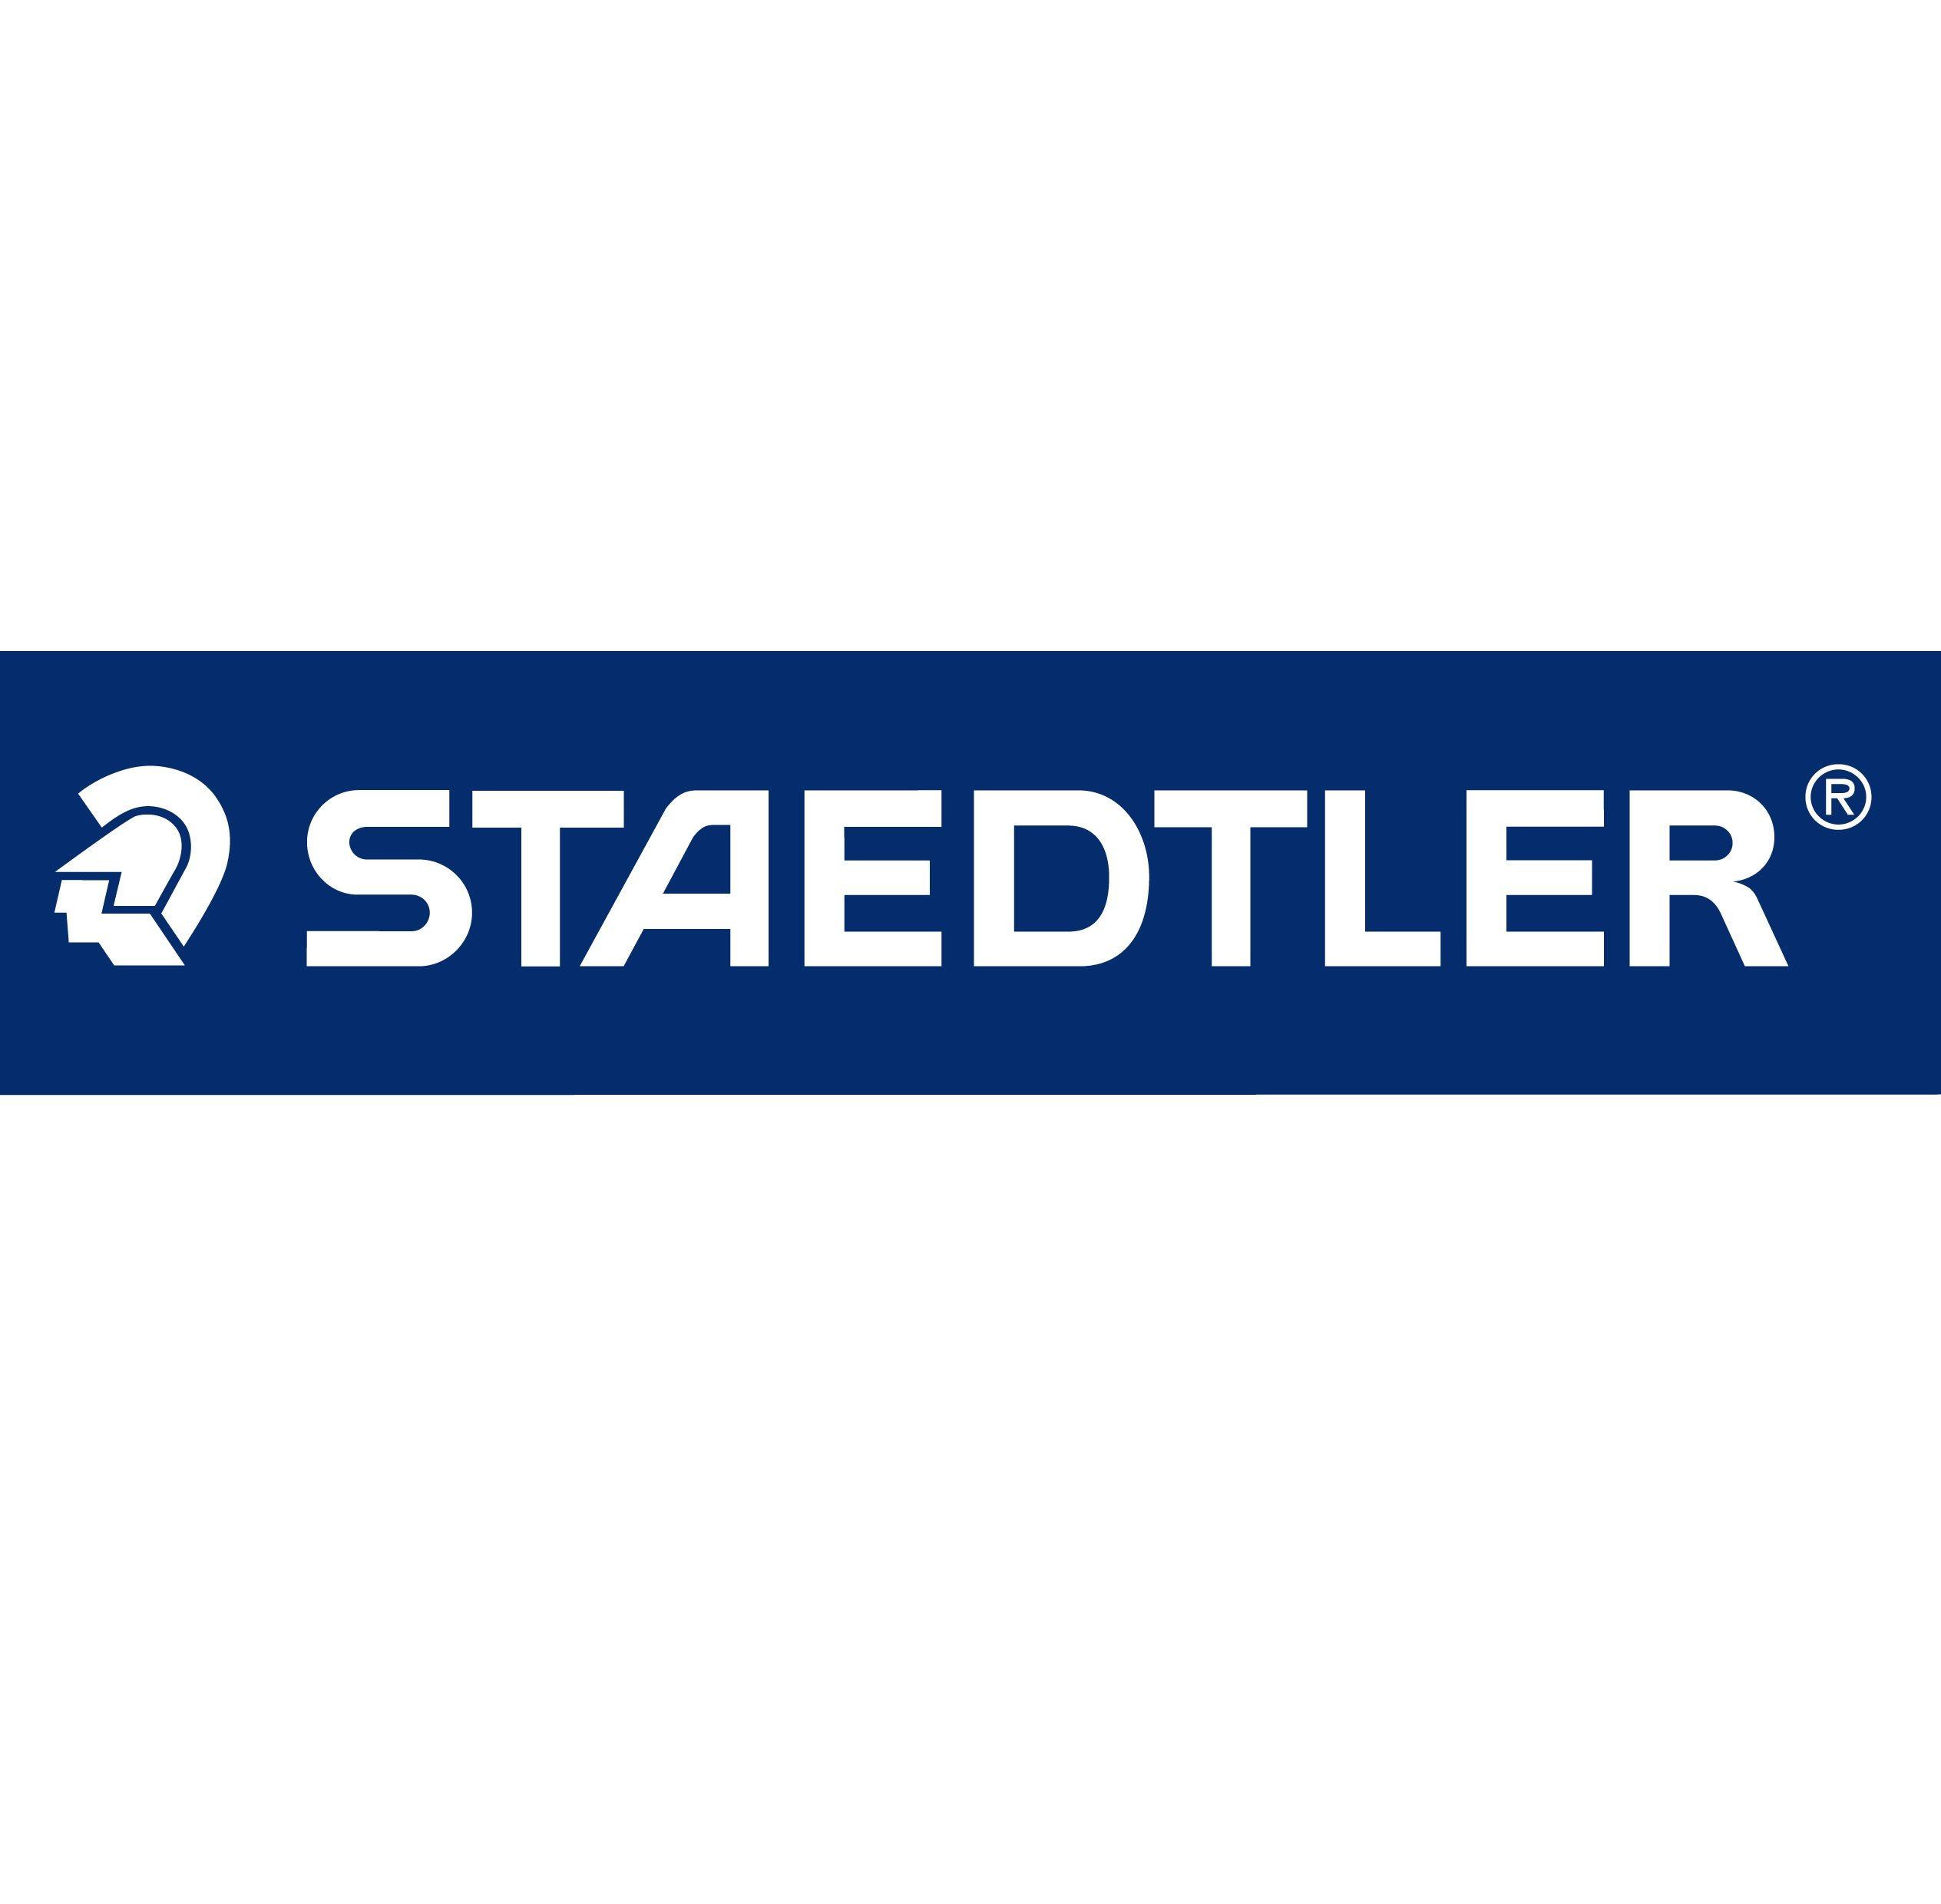 """Résultat de recherche d'images pour """"logo staedtler"""""""